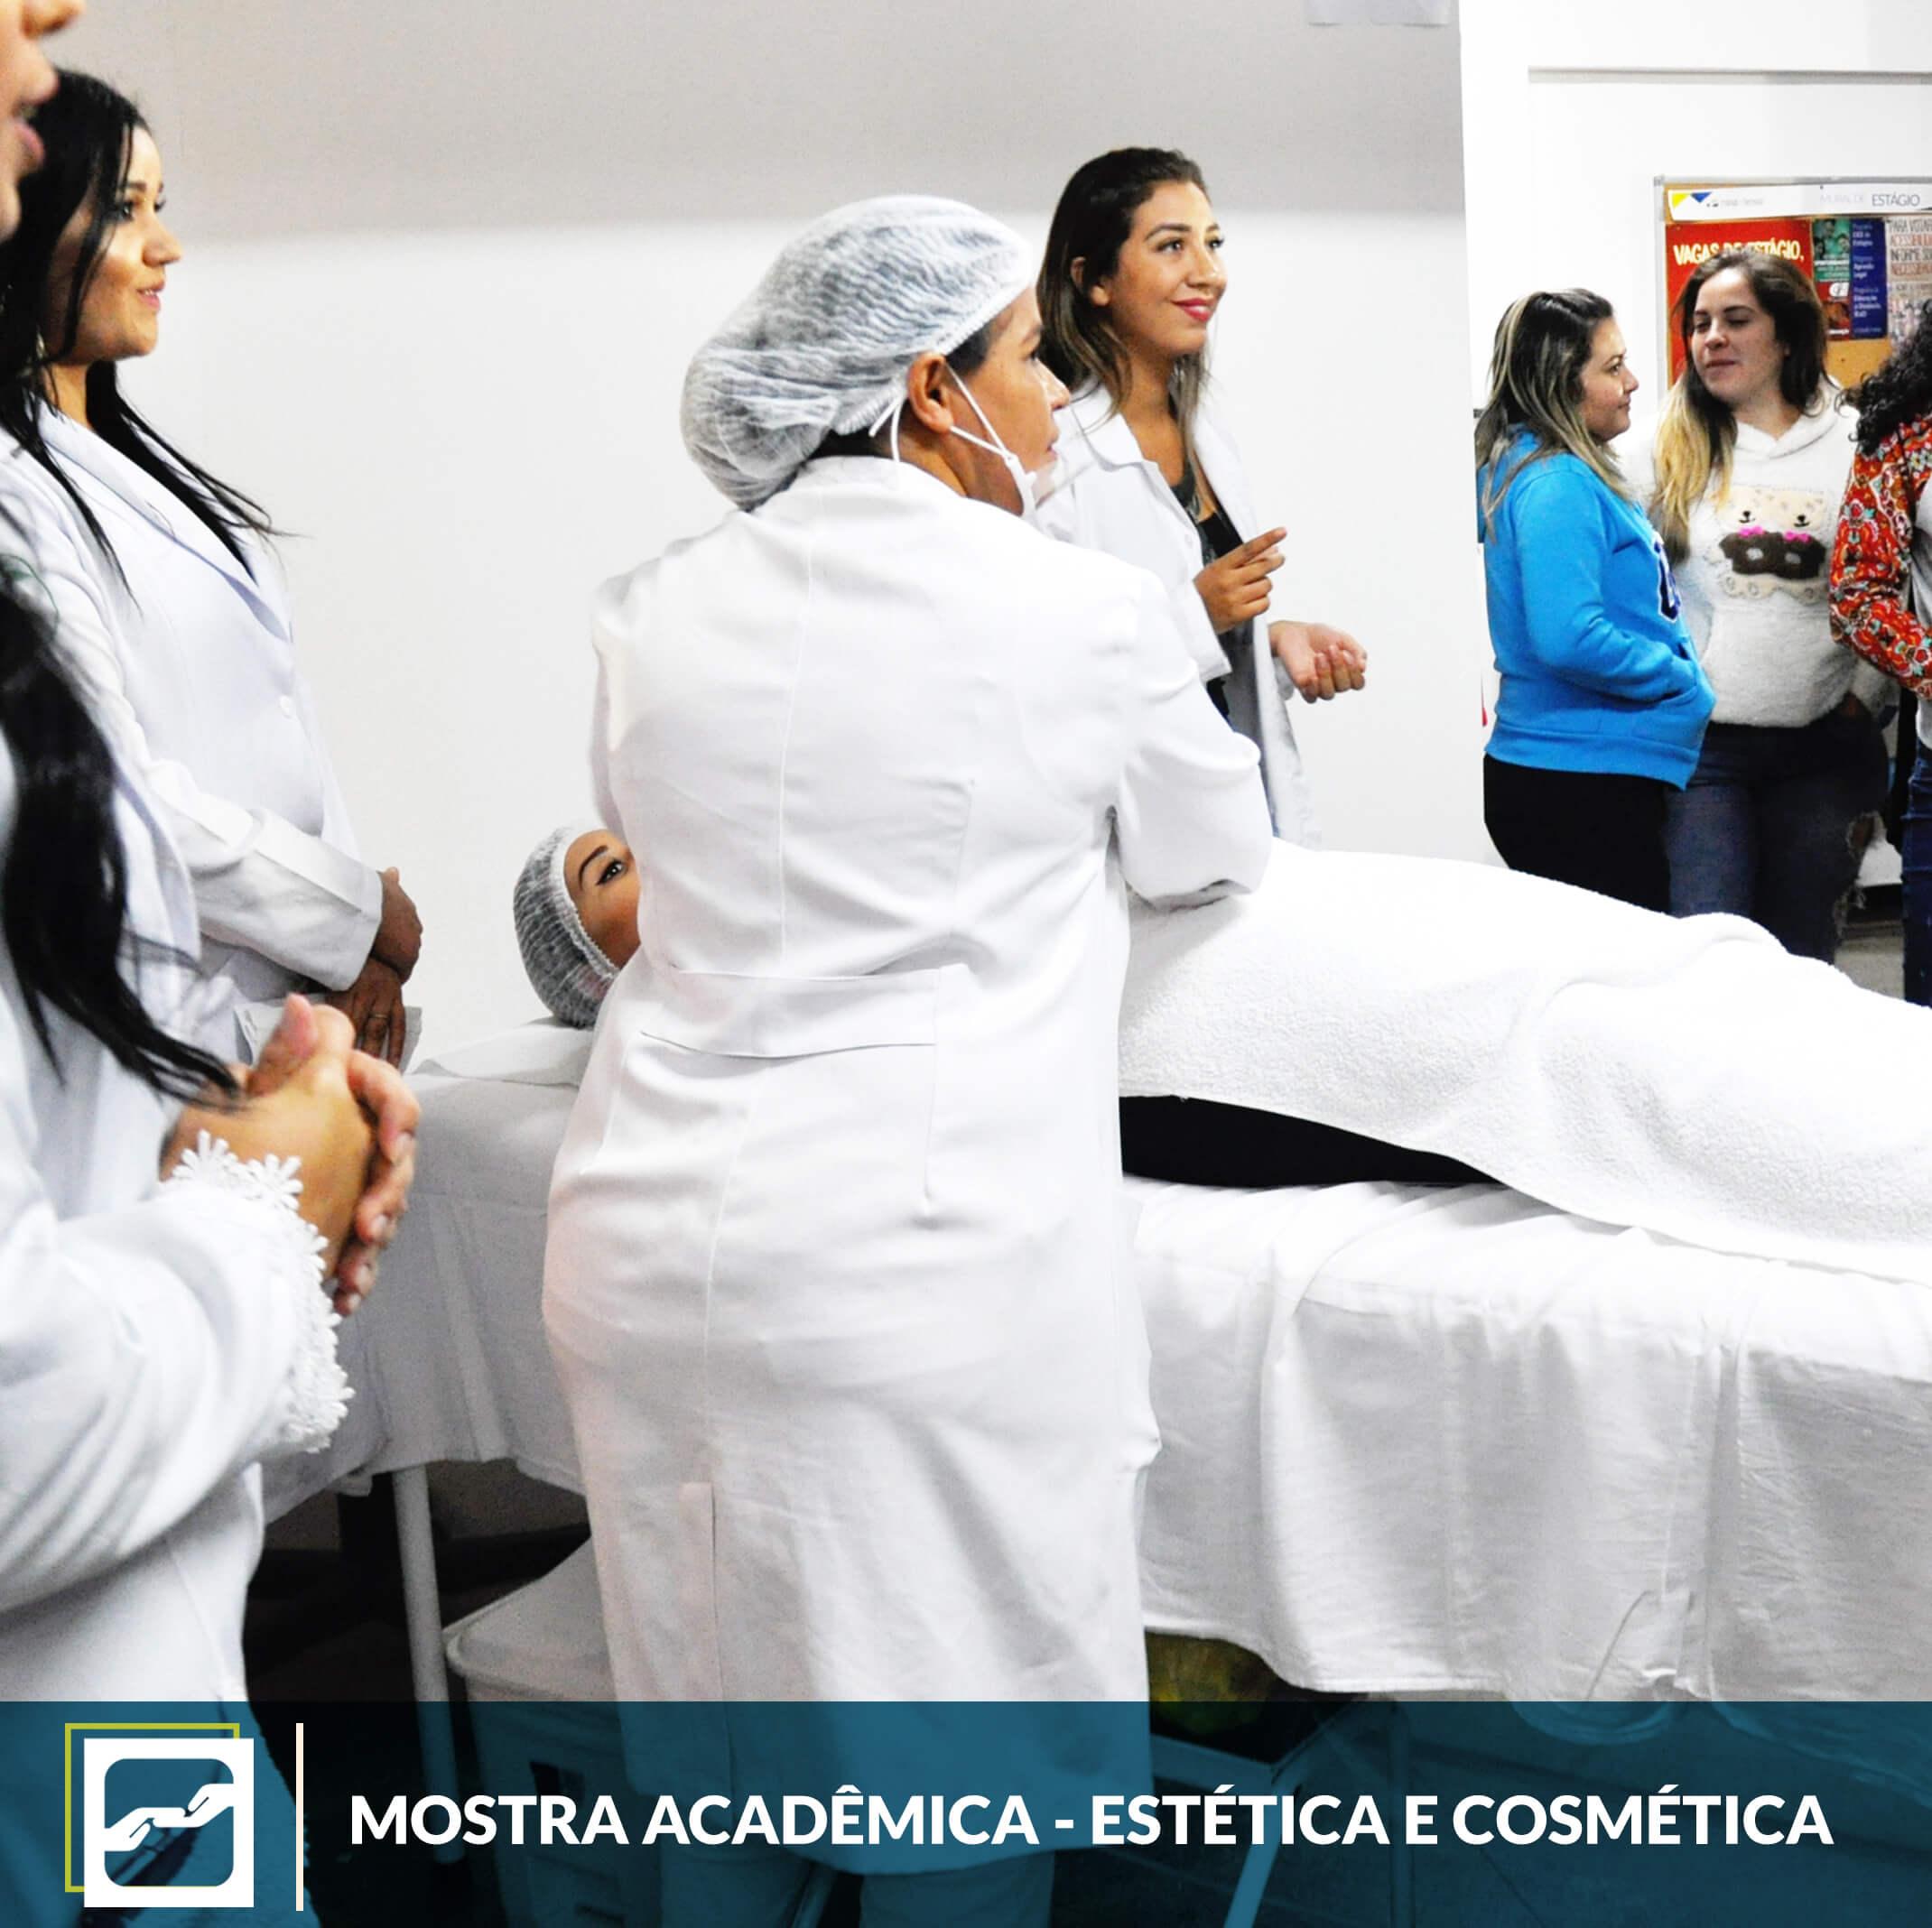 mostra-academia-estetica-cosmetica-famesp-41